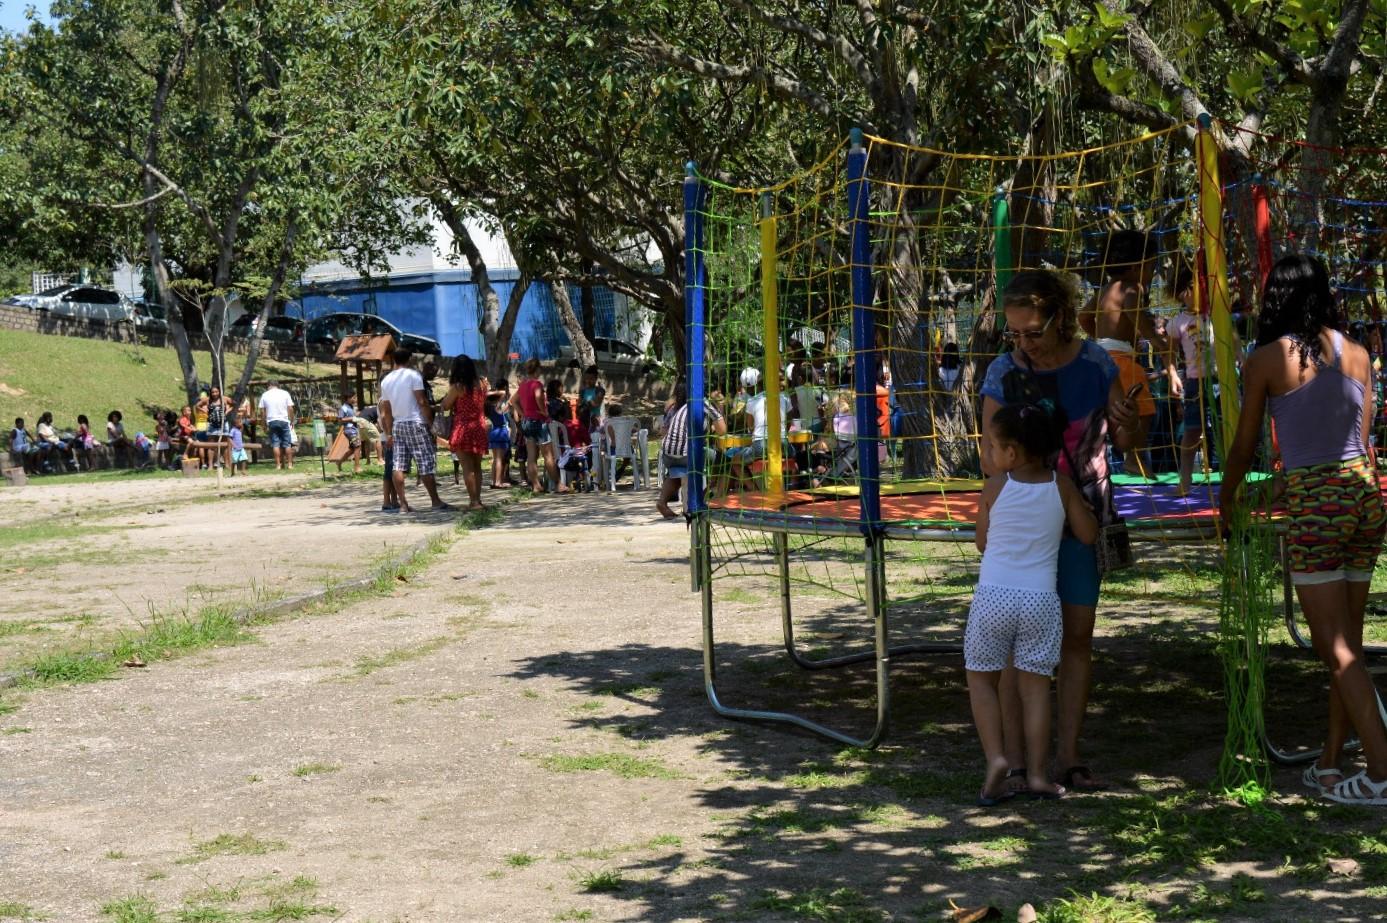 <Strong>Dia das Crianças Movimenta Parque Ary Barroso</Strong>